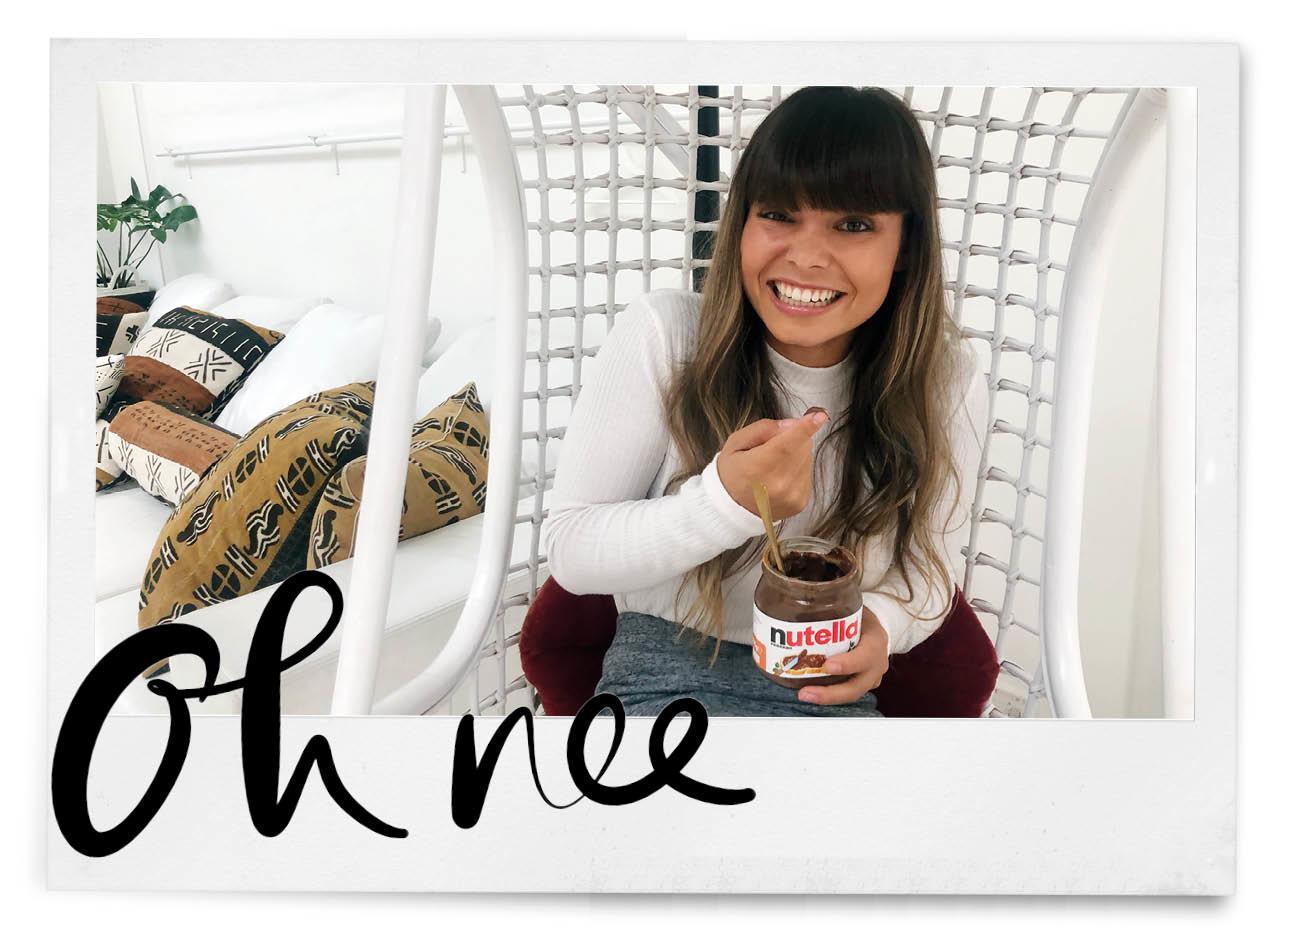 kiki lachend met pot nutella in haar handen